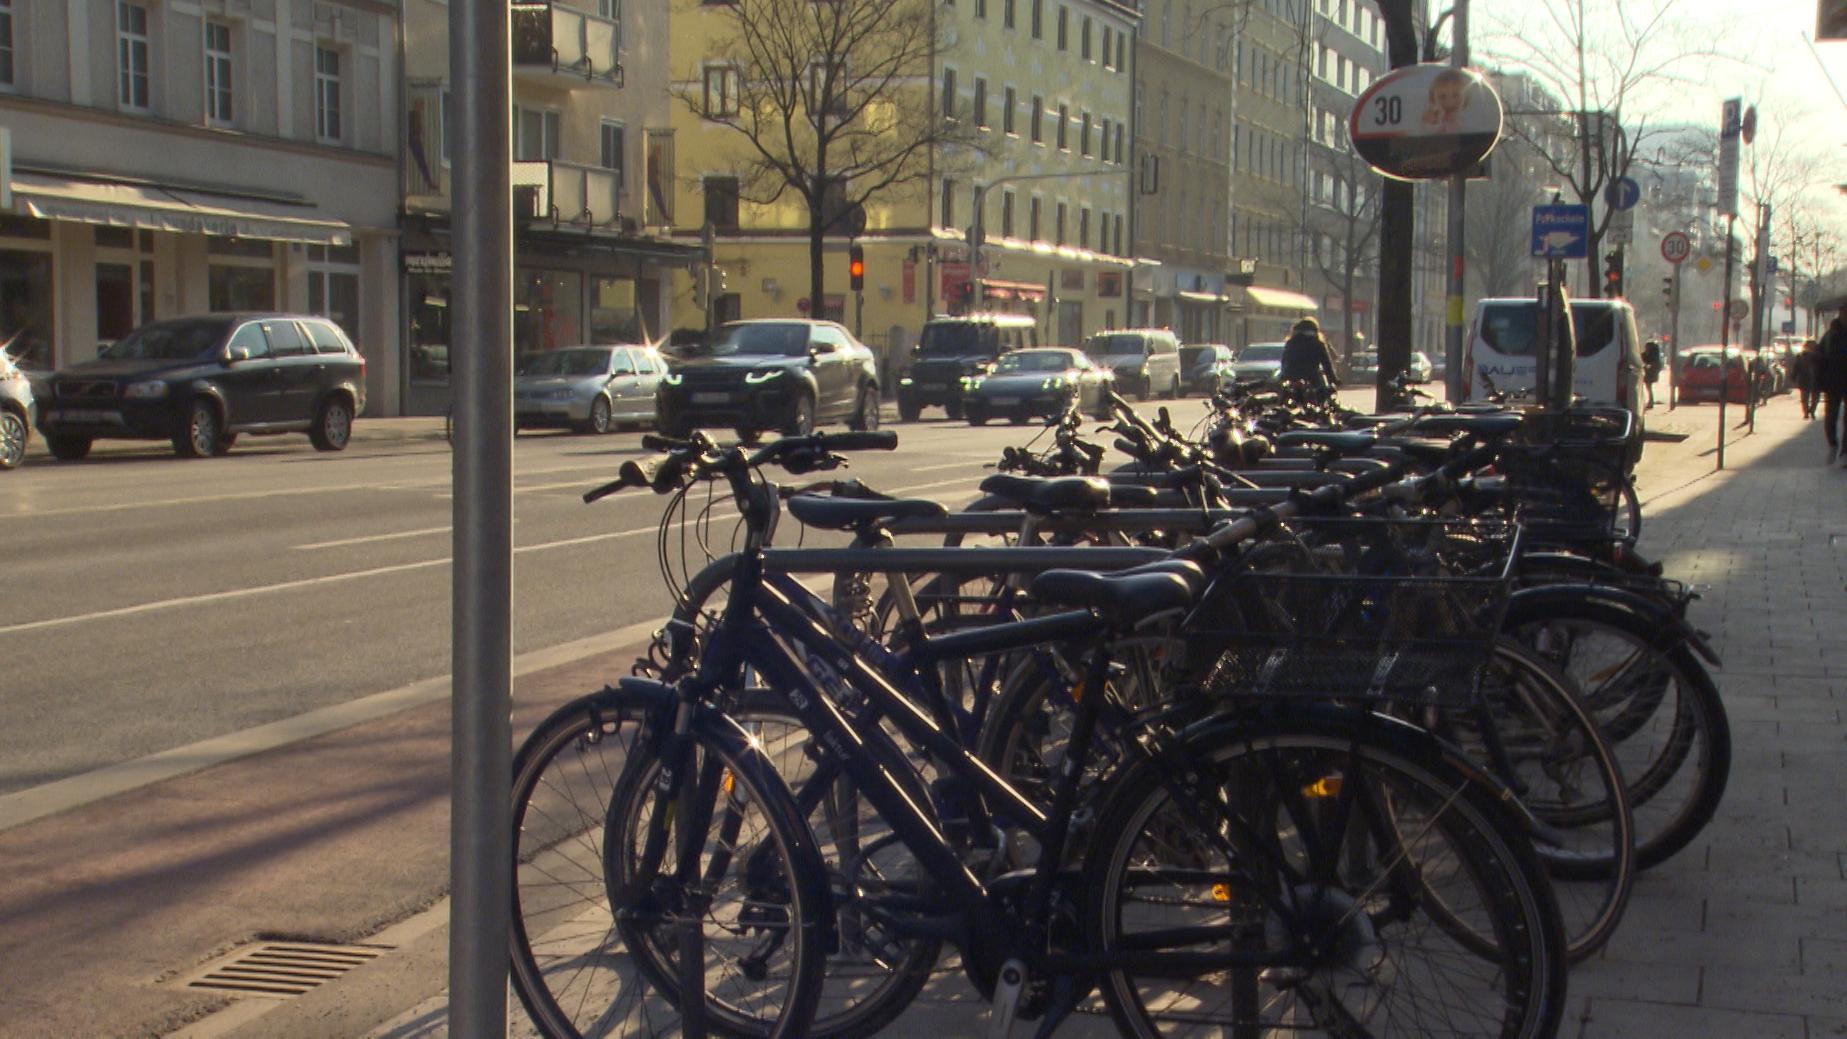 Mehr Radler in die Stadt - dafür macht sich das bayerische Innenministerium stark.